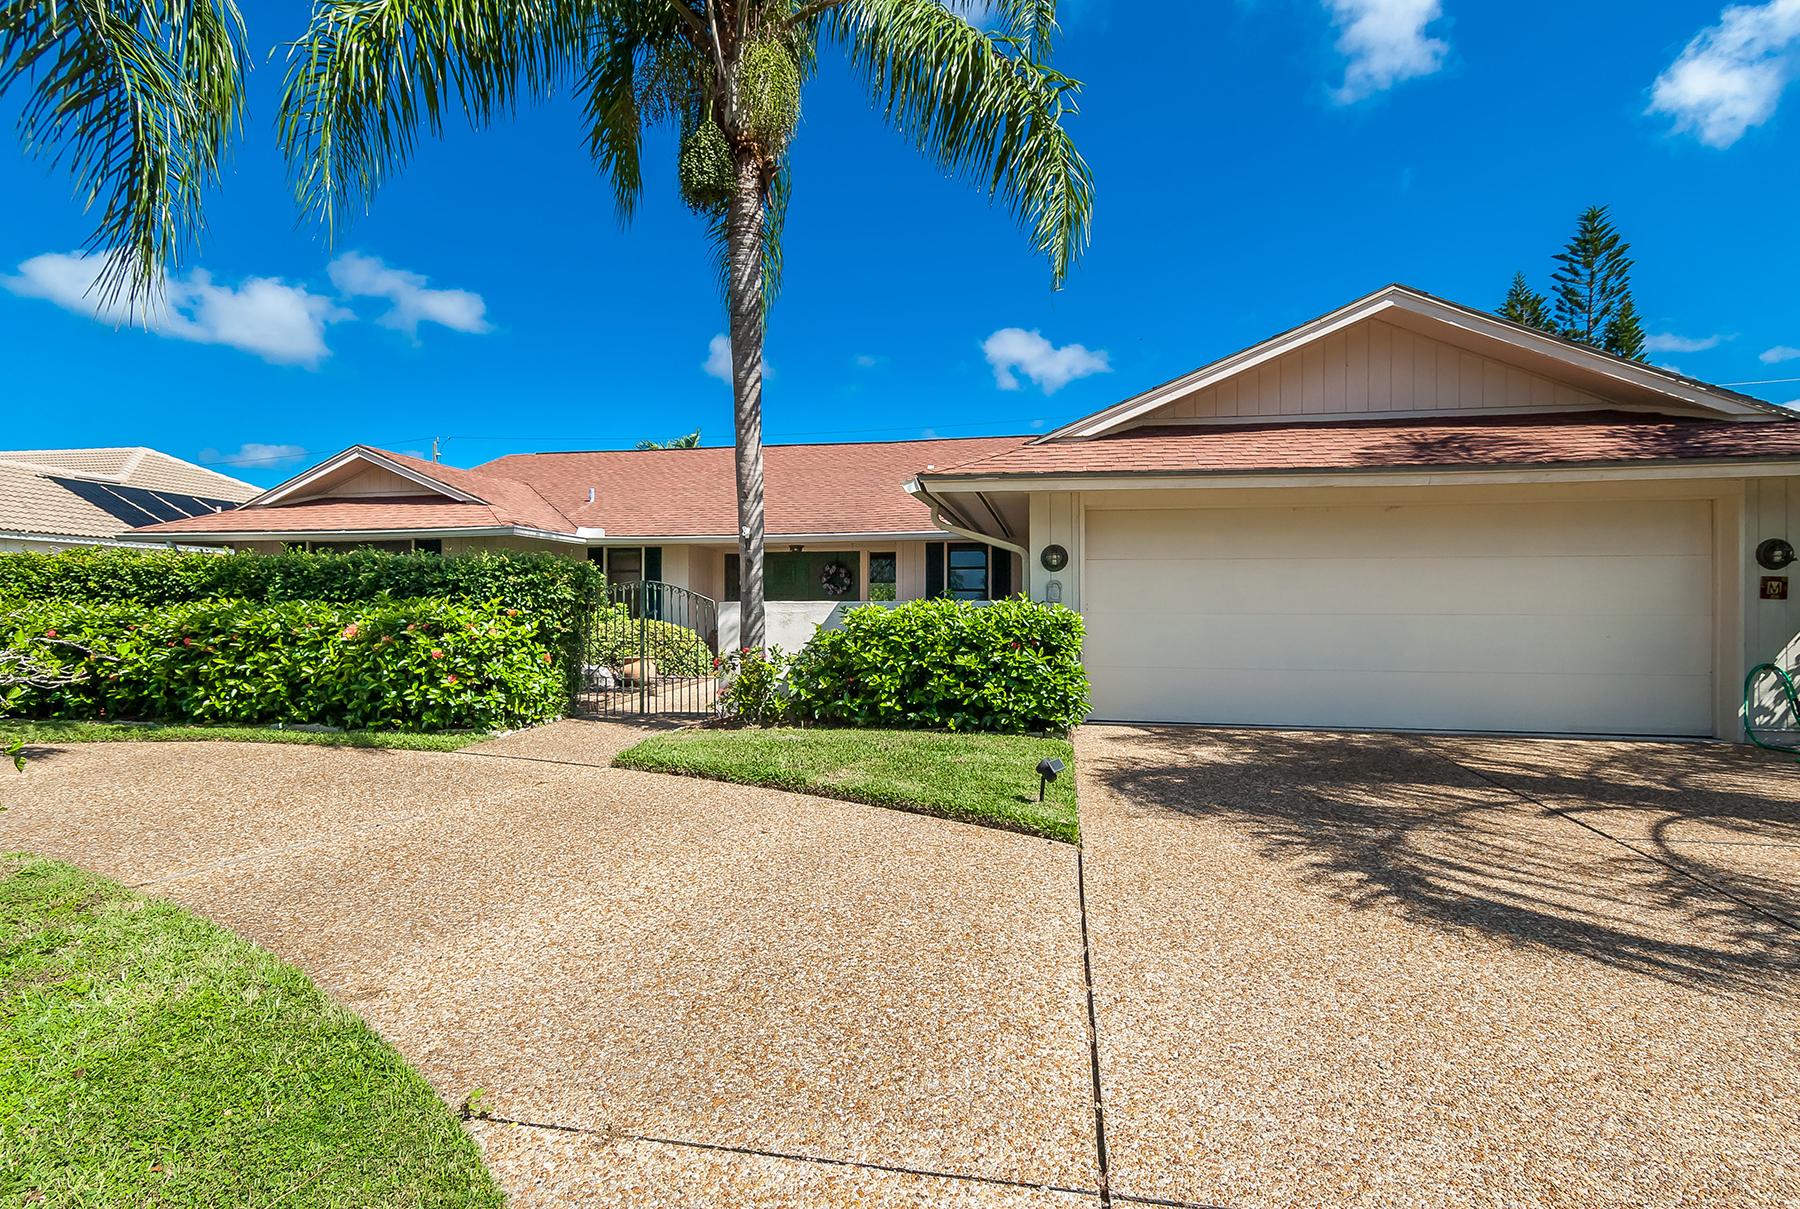 Maison unifamiliale pour l Vente à SOUTHBAY YACHT & RACQUET CLUB 228 Windward Dr Osprey, Florida, 34229 États-Unis